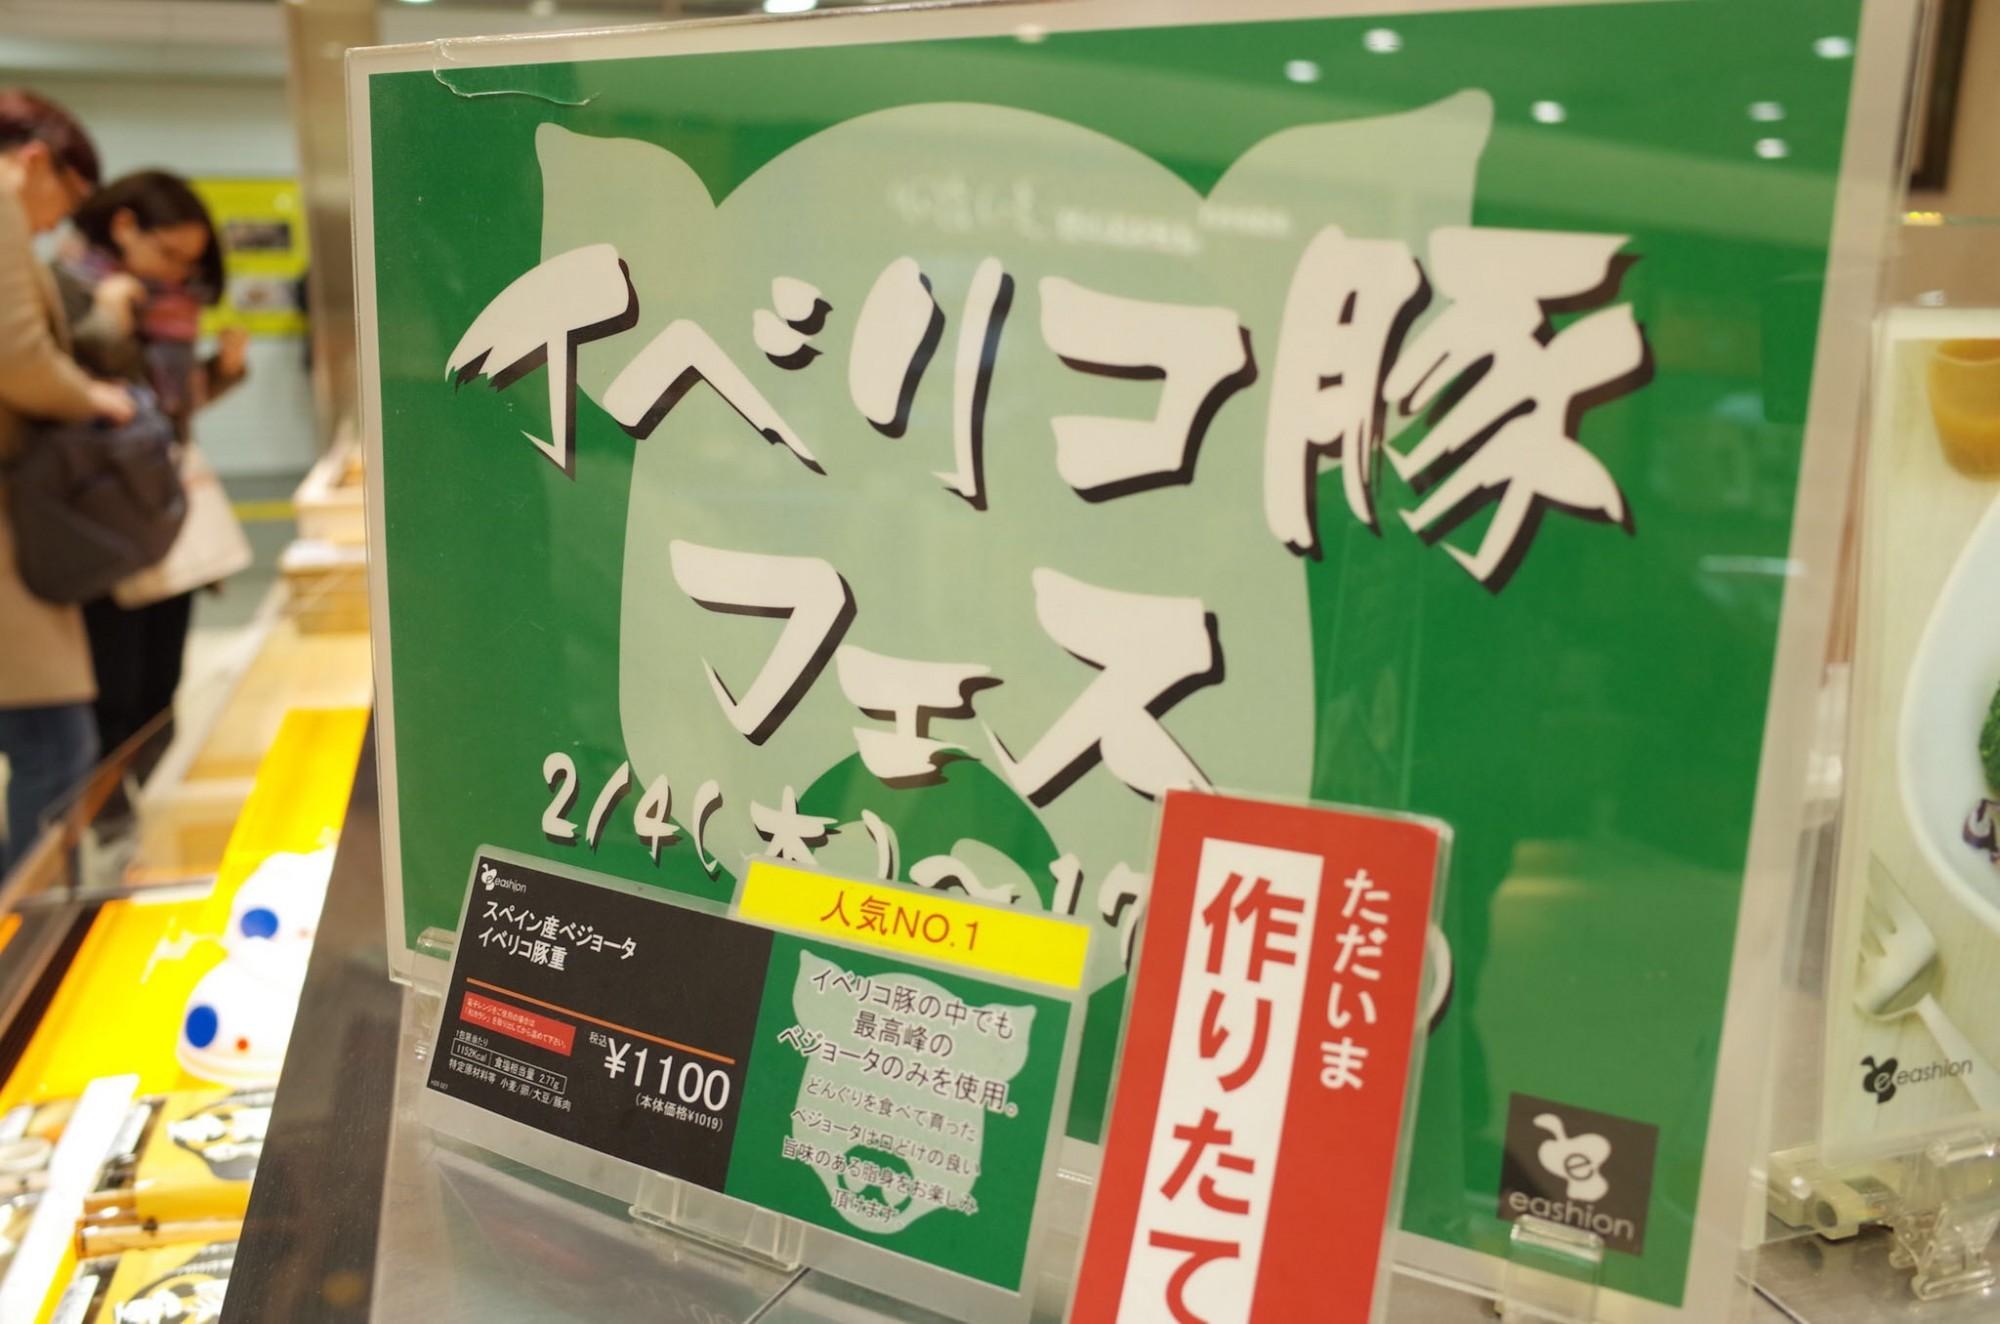 東京駅の駅弁はこれ一択!『eashion(イーション) 東京グランスタ店』の【スペイン産ベジョータ イベリコ豚重】